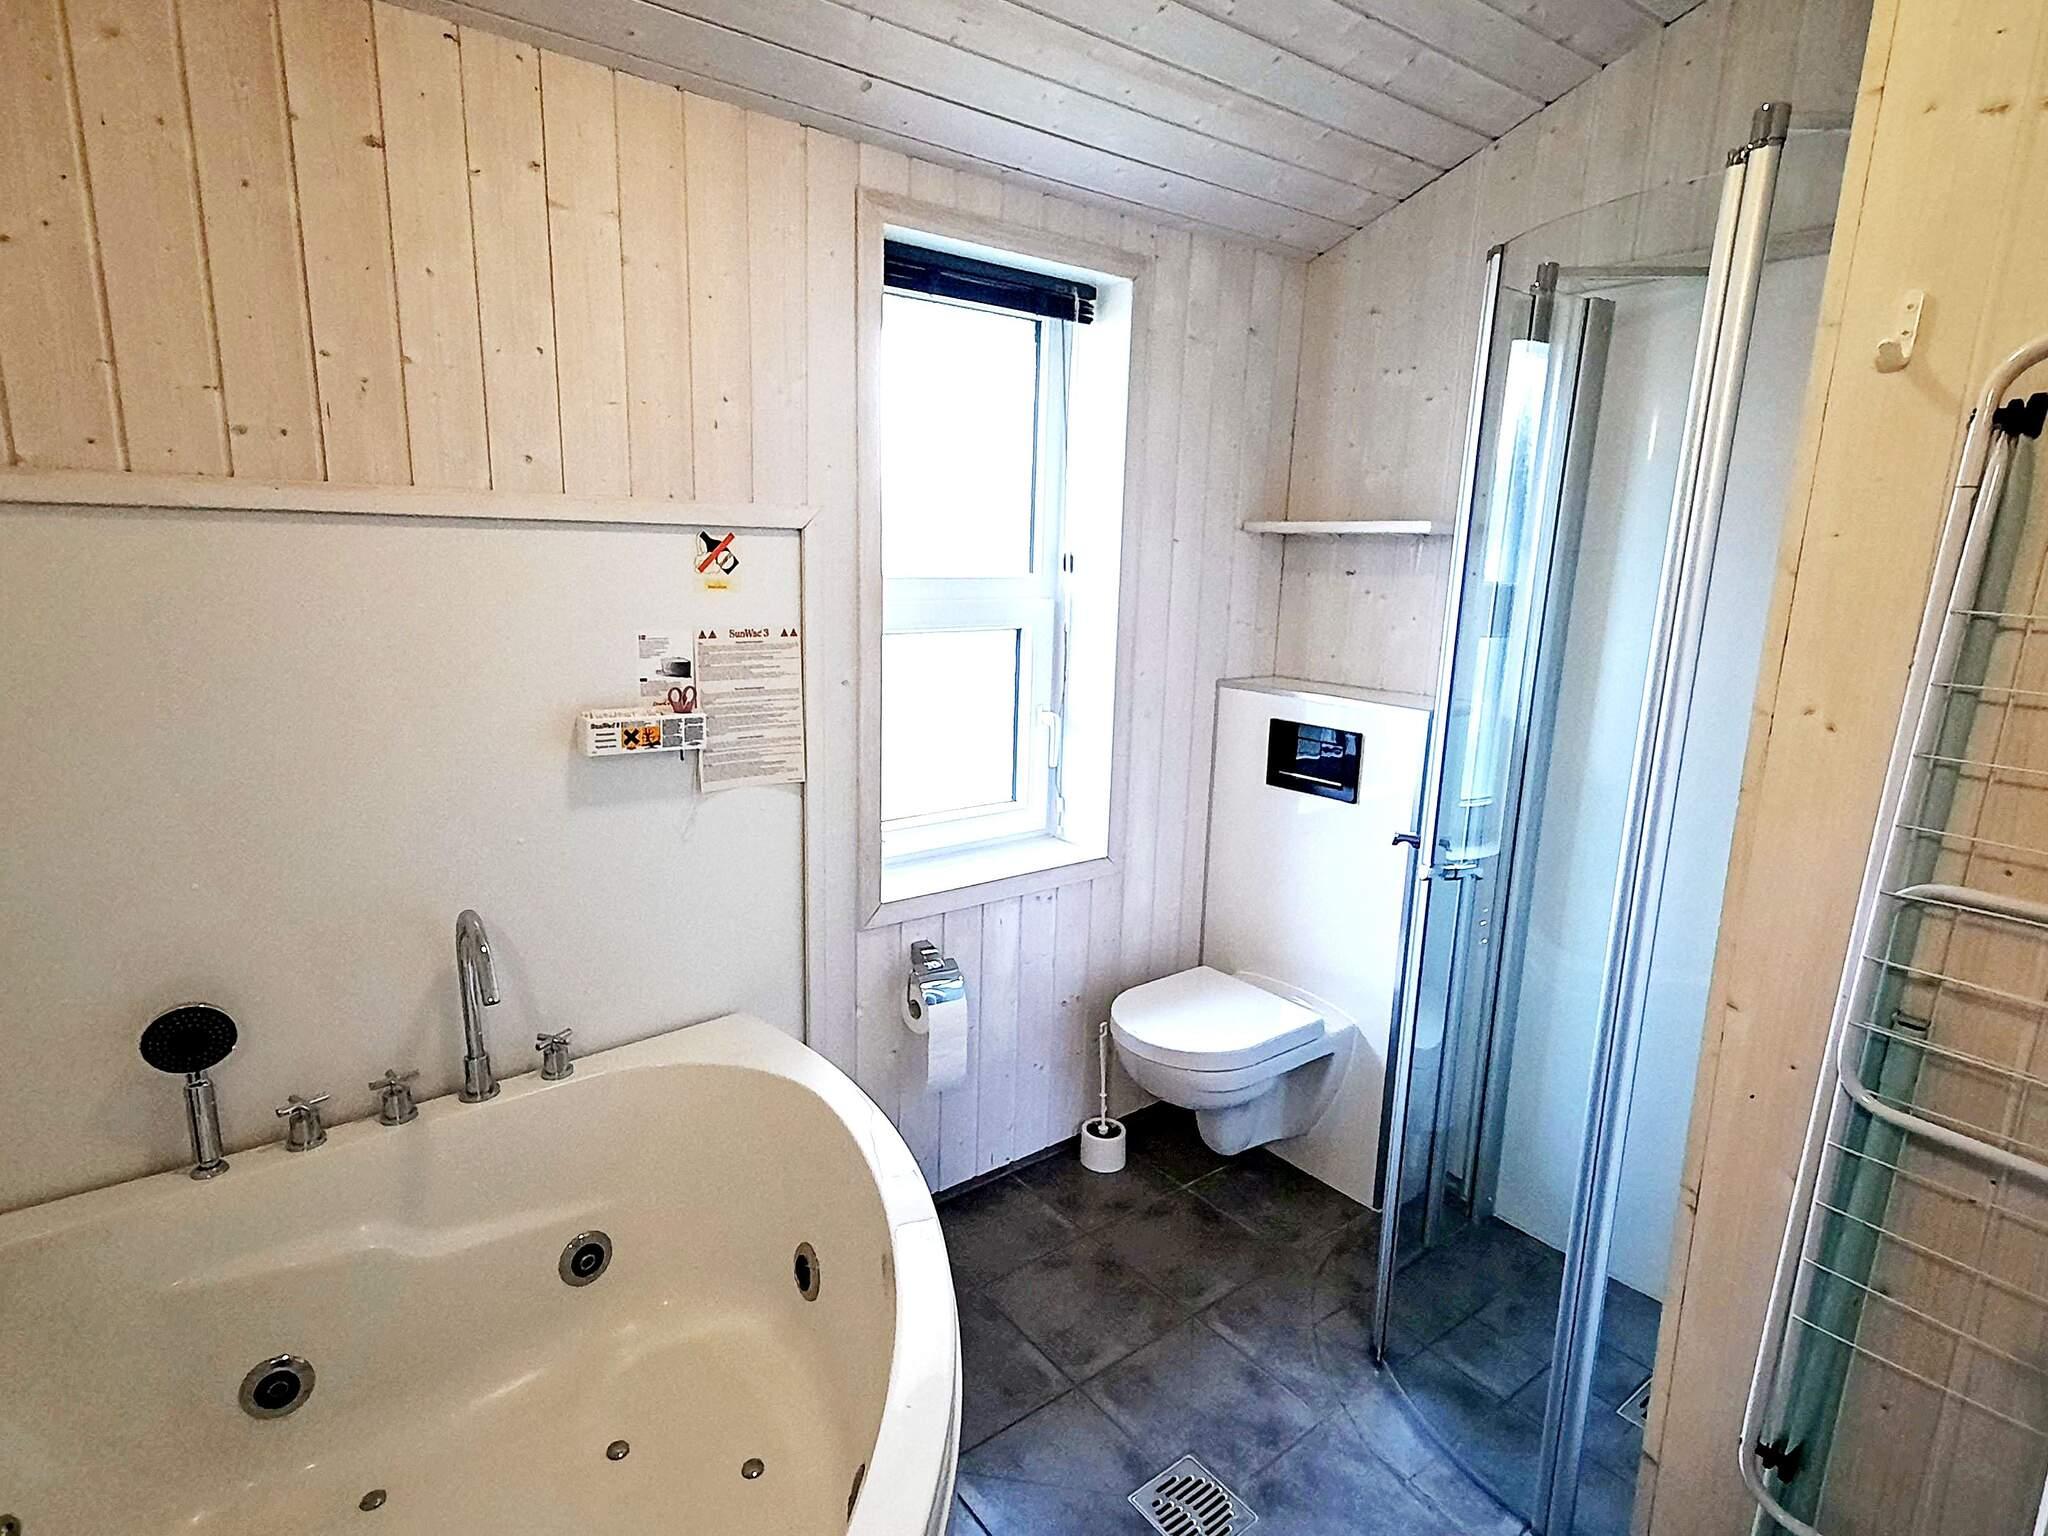 Maison de vacances Grömitz (455123), Grömitz, Baie de Lübeck, Schleswig-Holstein, Allemagne, image 8